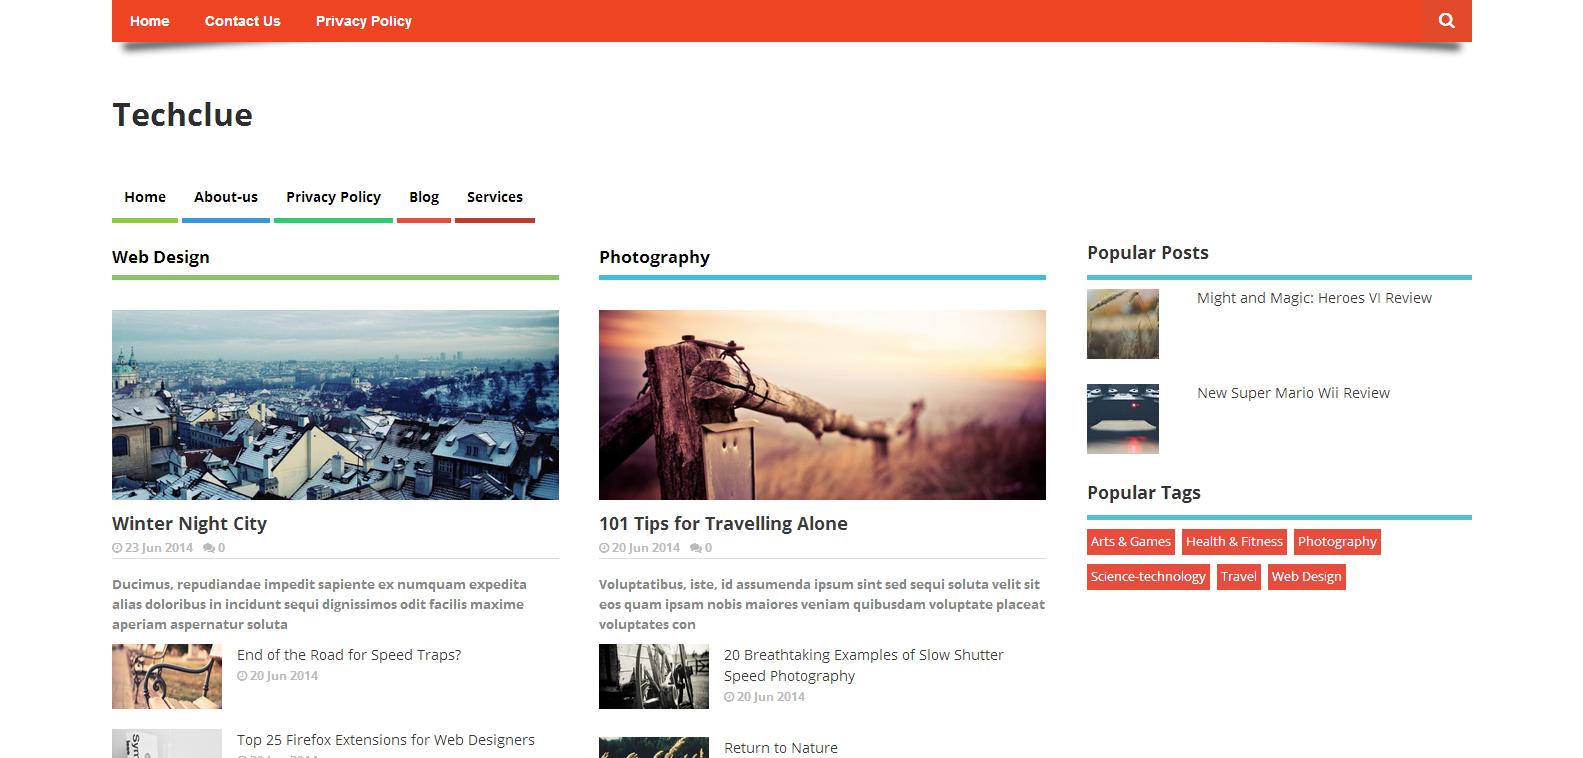 Chia sẻ Template Blogspot chuẩn Seo làm Blog cá nhân